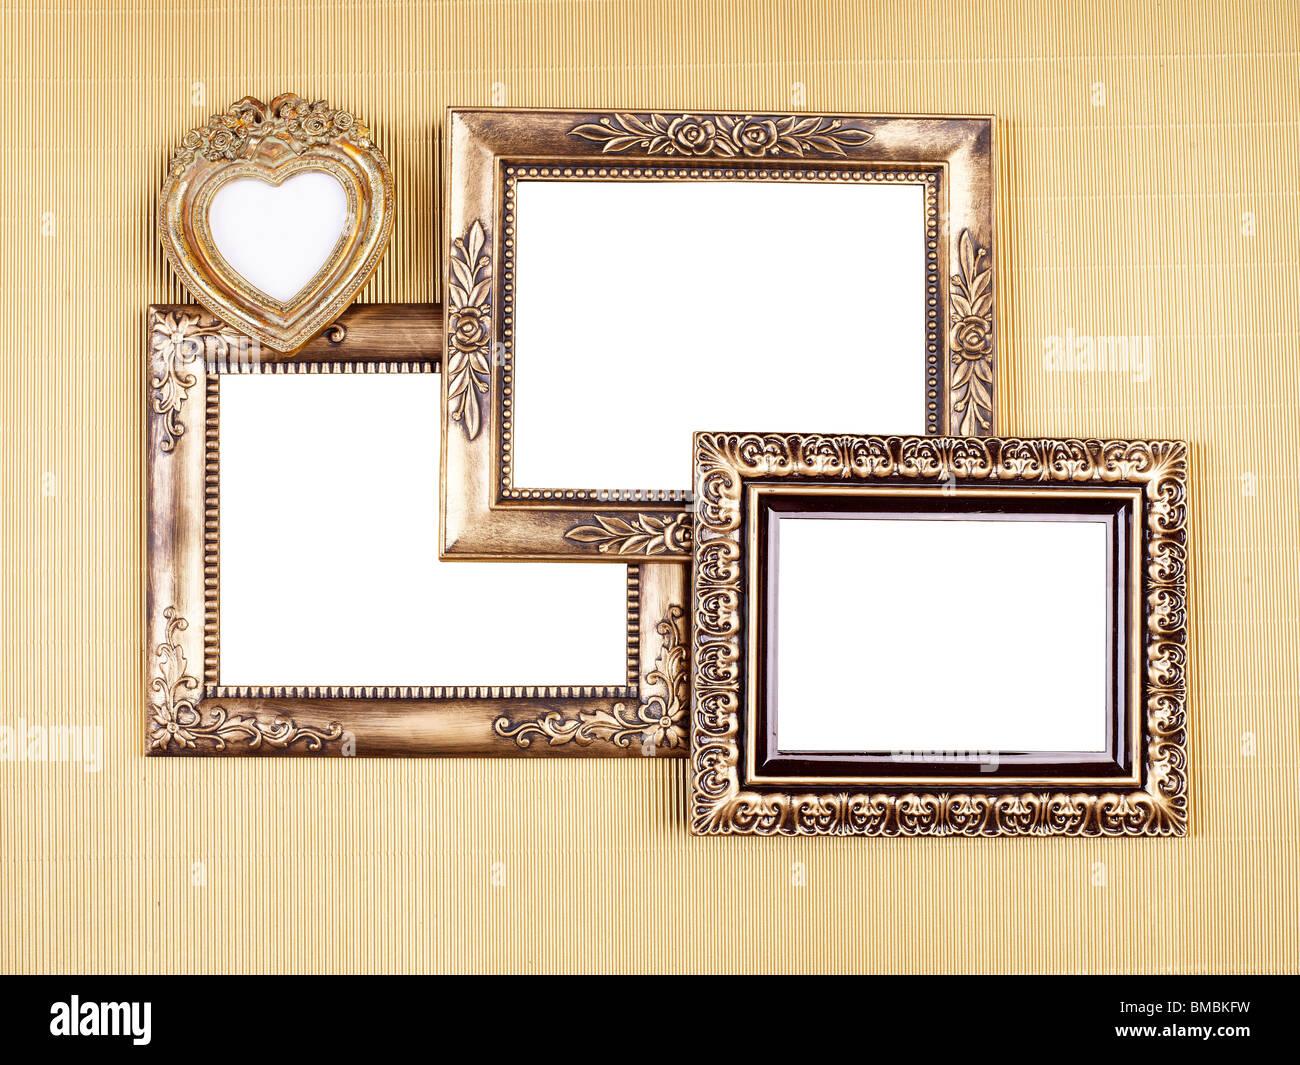 Erinnerungen in alten Bilderrahmen auf Gold Muster, Design-Element ...